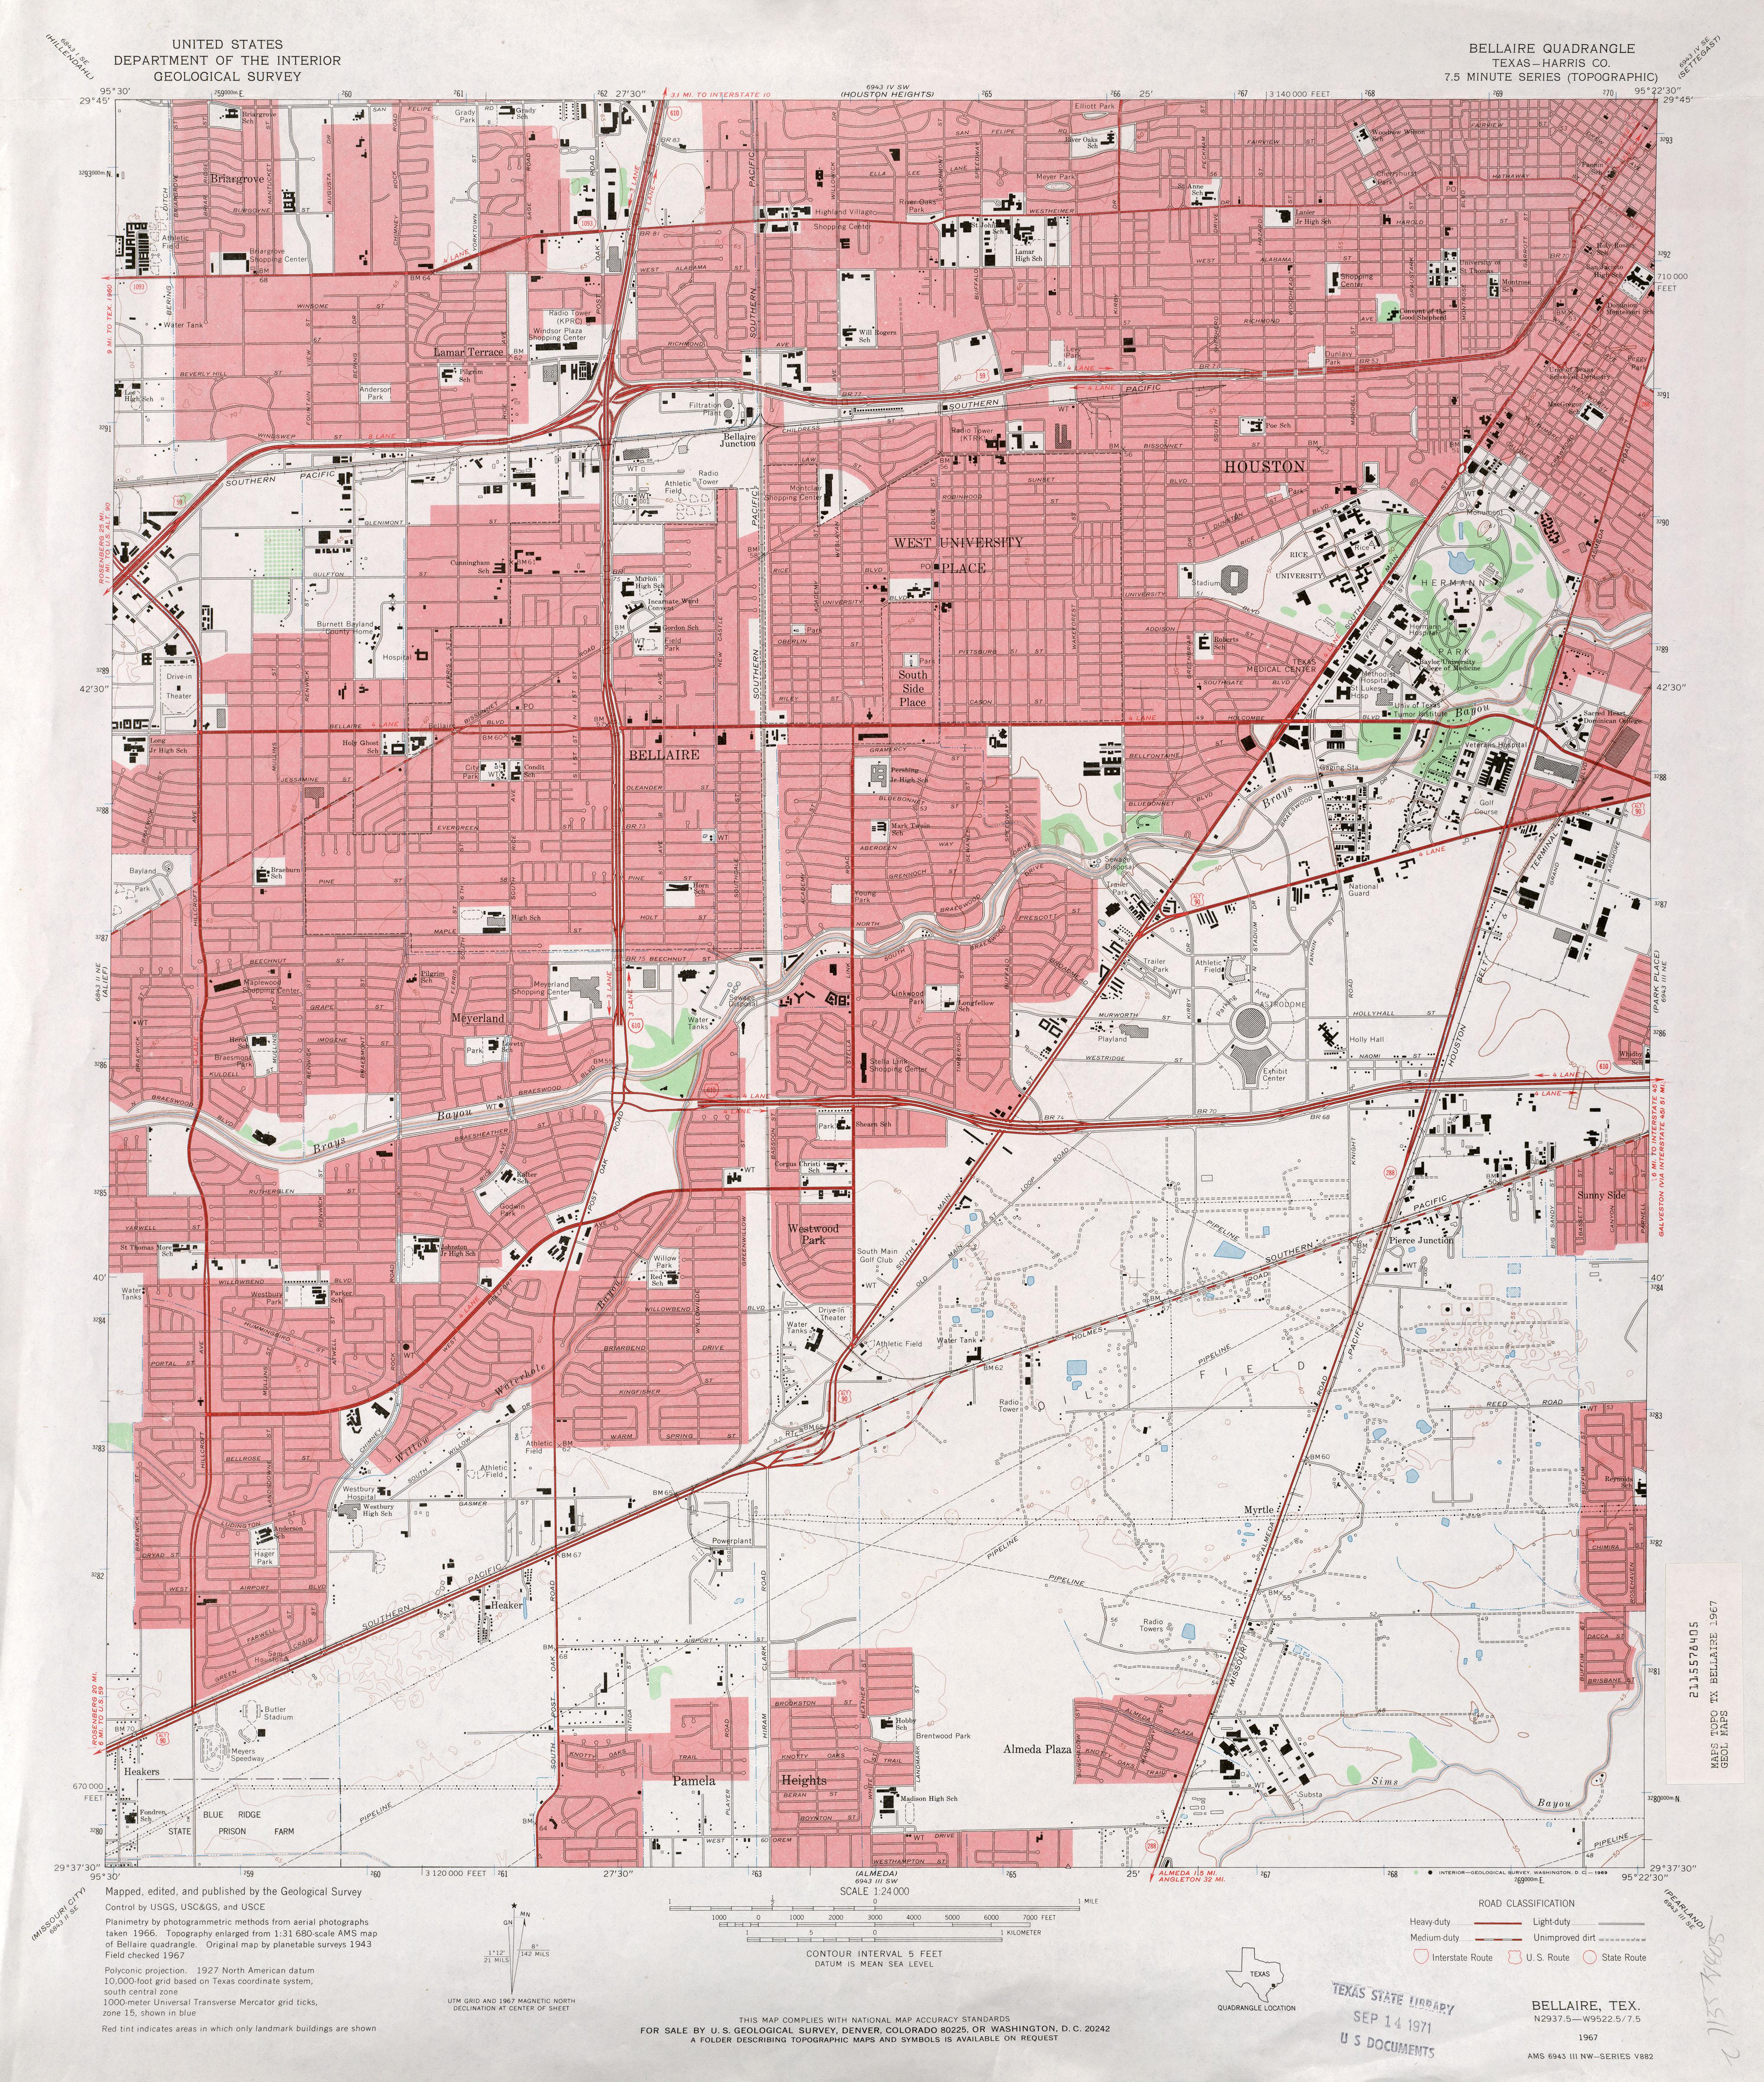 1967 Topographic Map Of Houston S 1967 Topographic Map Of Houston Ne 1967 Road Map Of Houston 1968 Road Map Of Houston